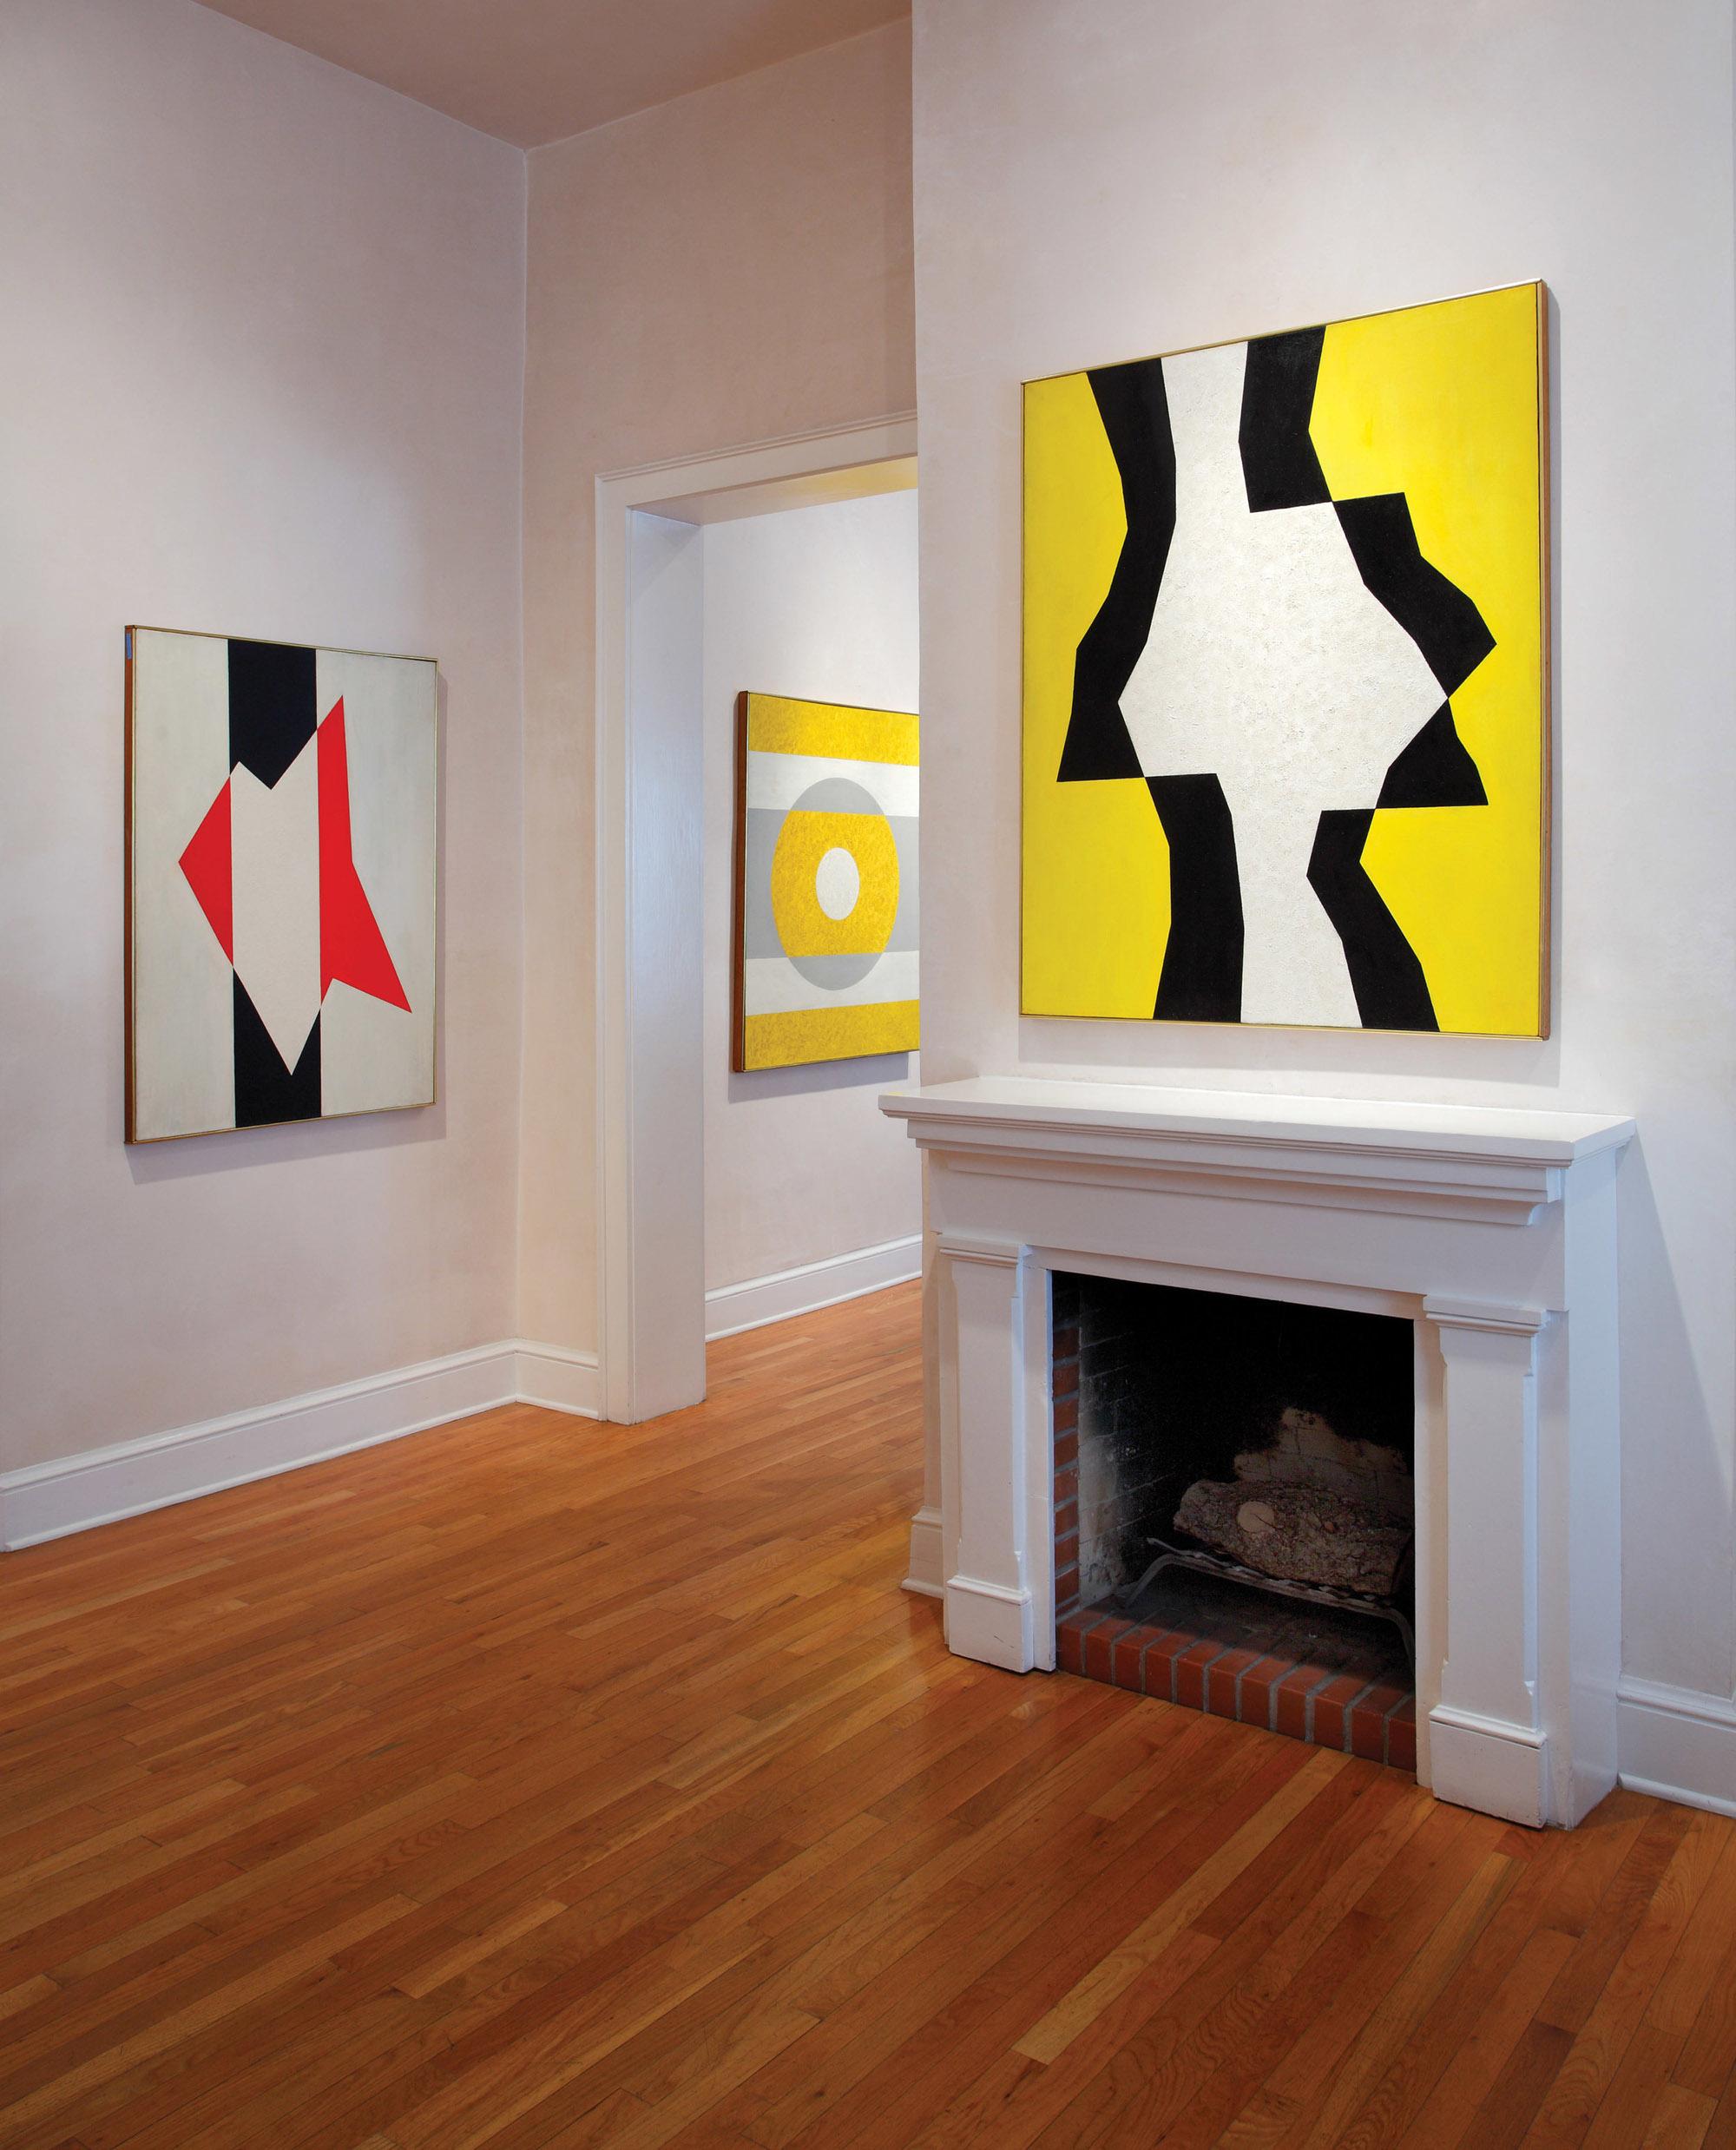 Charles Green Shaw installed at Peyton Wright Gallery, Santa Fe